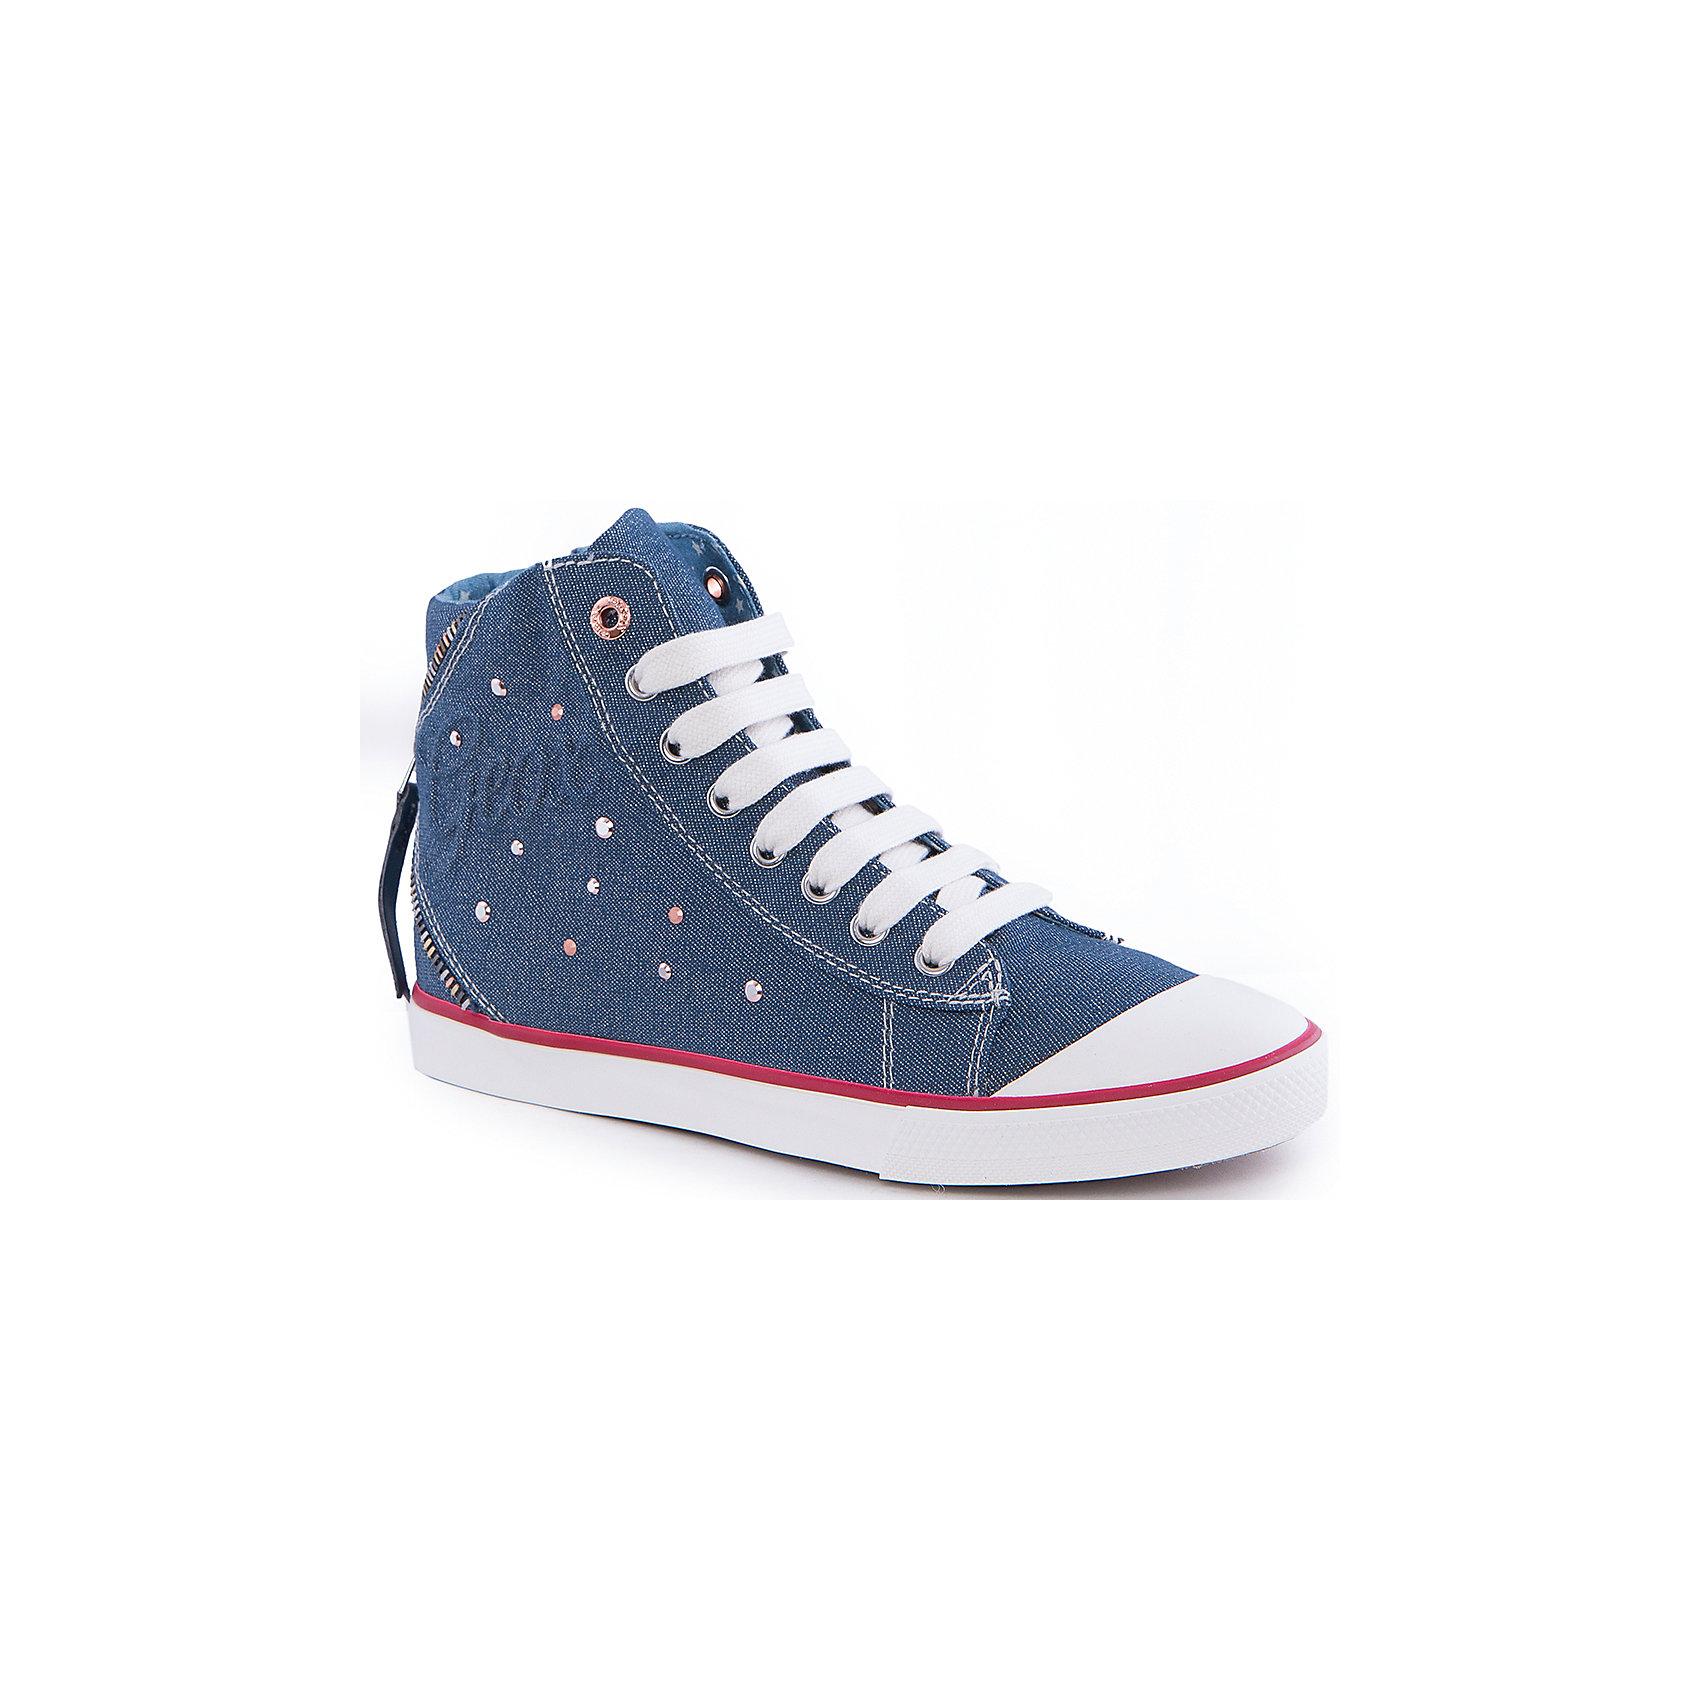 Кеды для девочки GeoxКеды<br>Кеды для девочки от популярной марки GEOX (Геокс).<br><br>Модные легкие Кеды - отличная обувь для нового весеннего сезона. Модель очень стильно и оригинально смотрится.<br>Производитель обуви заботится не только о внешнем виде, но и стабильно высоком качестве продукции. GEOX (Геокс) разработал специальную дышащую подошву, которая не пропускает влагу внутрь, а также высокотехнологичную стельку.<br><br>Отличительные особенности модели:<br><br>- цвет: синий джинс;<br>- декорированы белыми и красными элементами;<br>- гибкая водоотталкивающая подошва с дышащей мембраной;<br>- мягкий и легкий верх;<br>- защита пальцев;<br>- стильный дизайн;<br>- удобная шнуровка и молния;<br>- комфортное облегание;<br>- верх обуви и подкладка сделаны без использования хрома.<br><br>Дополнительная информация:<br><br>- Температурный режим: от +10° С до 25° С.<br><br>- Состав:<br><br>материал верха: текстиль, синтетический материал<br>материал подкладки: текстиль<br>подошва: 100% резина<br><br>Кеды для девочки GEOX (Геокс) (Геокс) можно купить в нашем магазине.<br><br>Ширина мм: 250<br>Глубина мм: 150<br>Высота мм: 150<br>Вес г: 250<br>Цвет: синий<br>Возраст от месяцев: 48<br>Возраст до месяцев: 60<br>Пол: Женский<br>Возраст: Детский<br>Размер: 28,38,37,36,35,30,32,34,39,33,31,29<br>SKU: 4519402